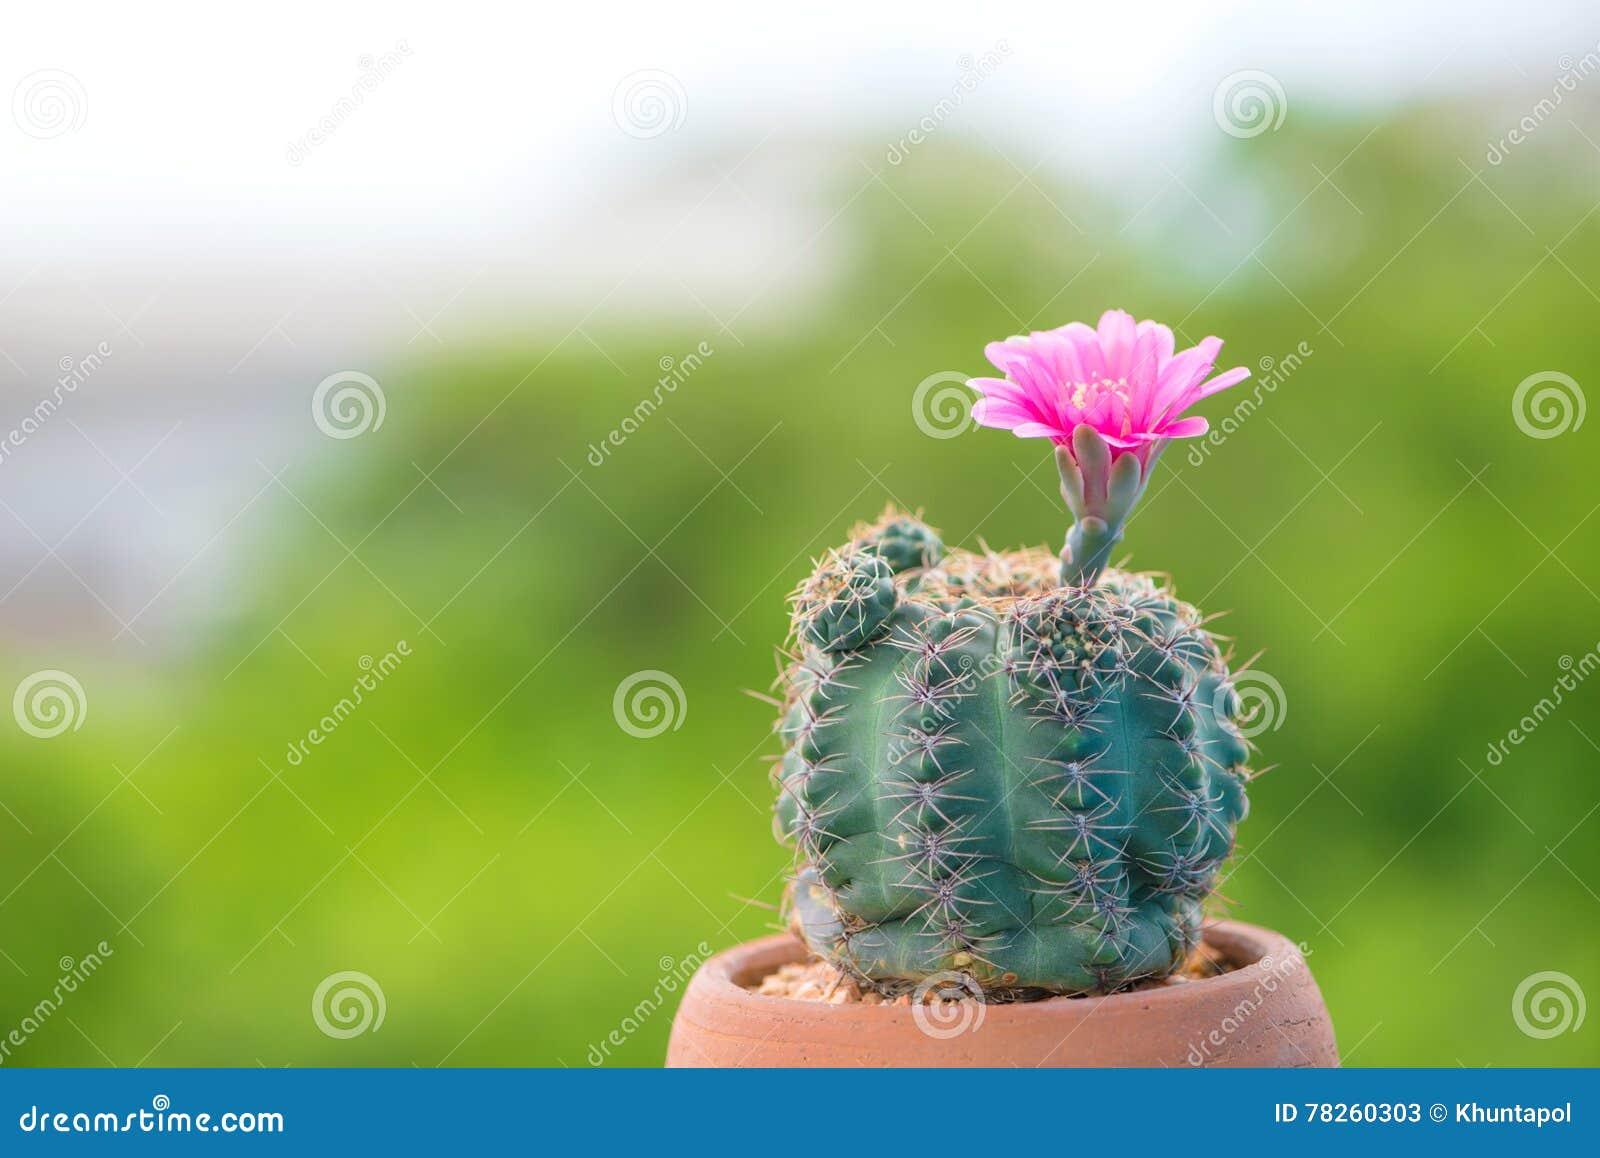 Κλειστοί επάνω κάκτος και λουλούδι στο δοχείο